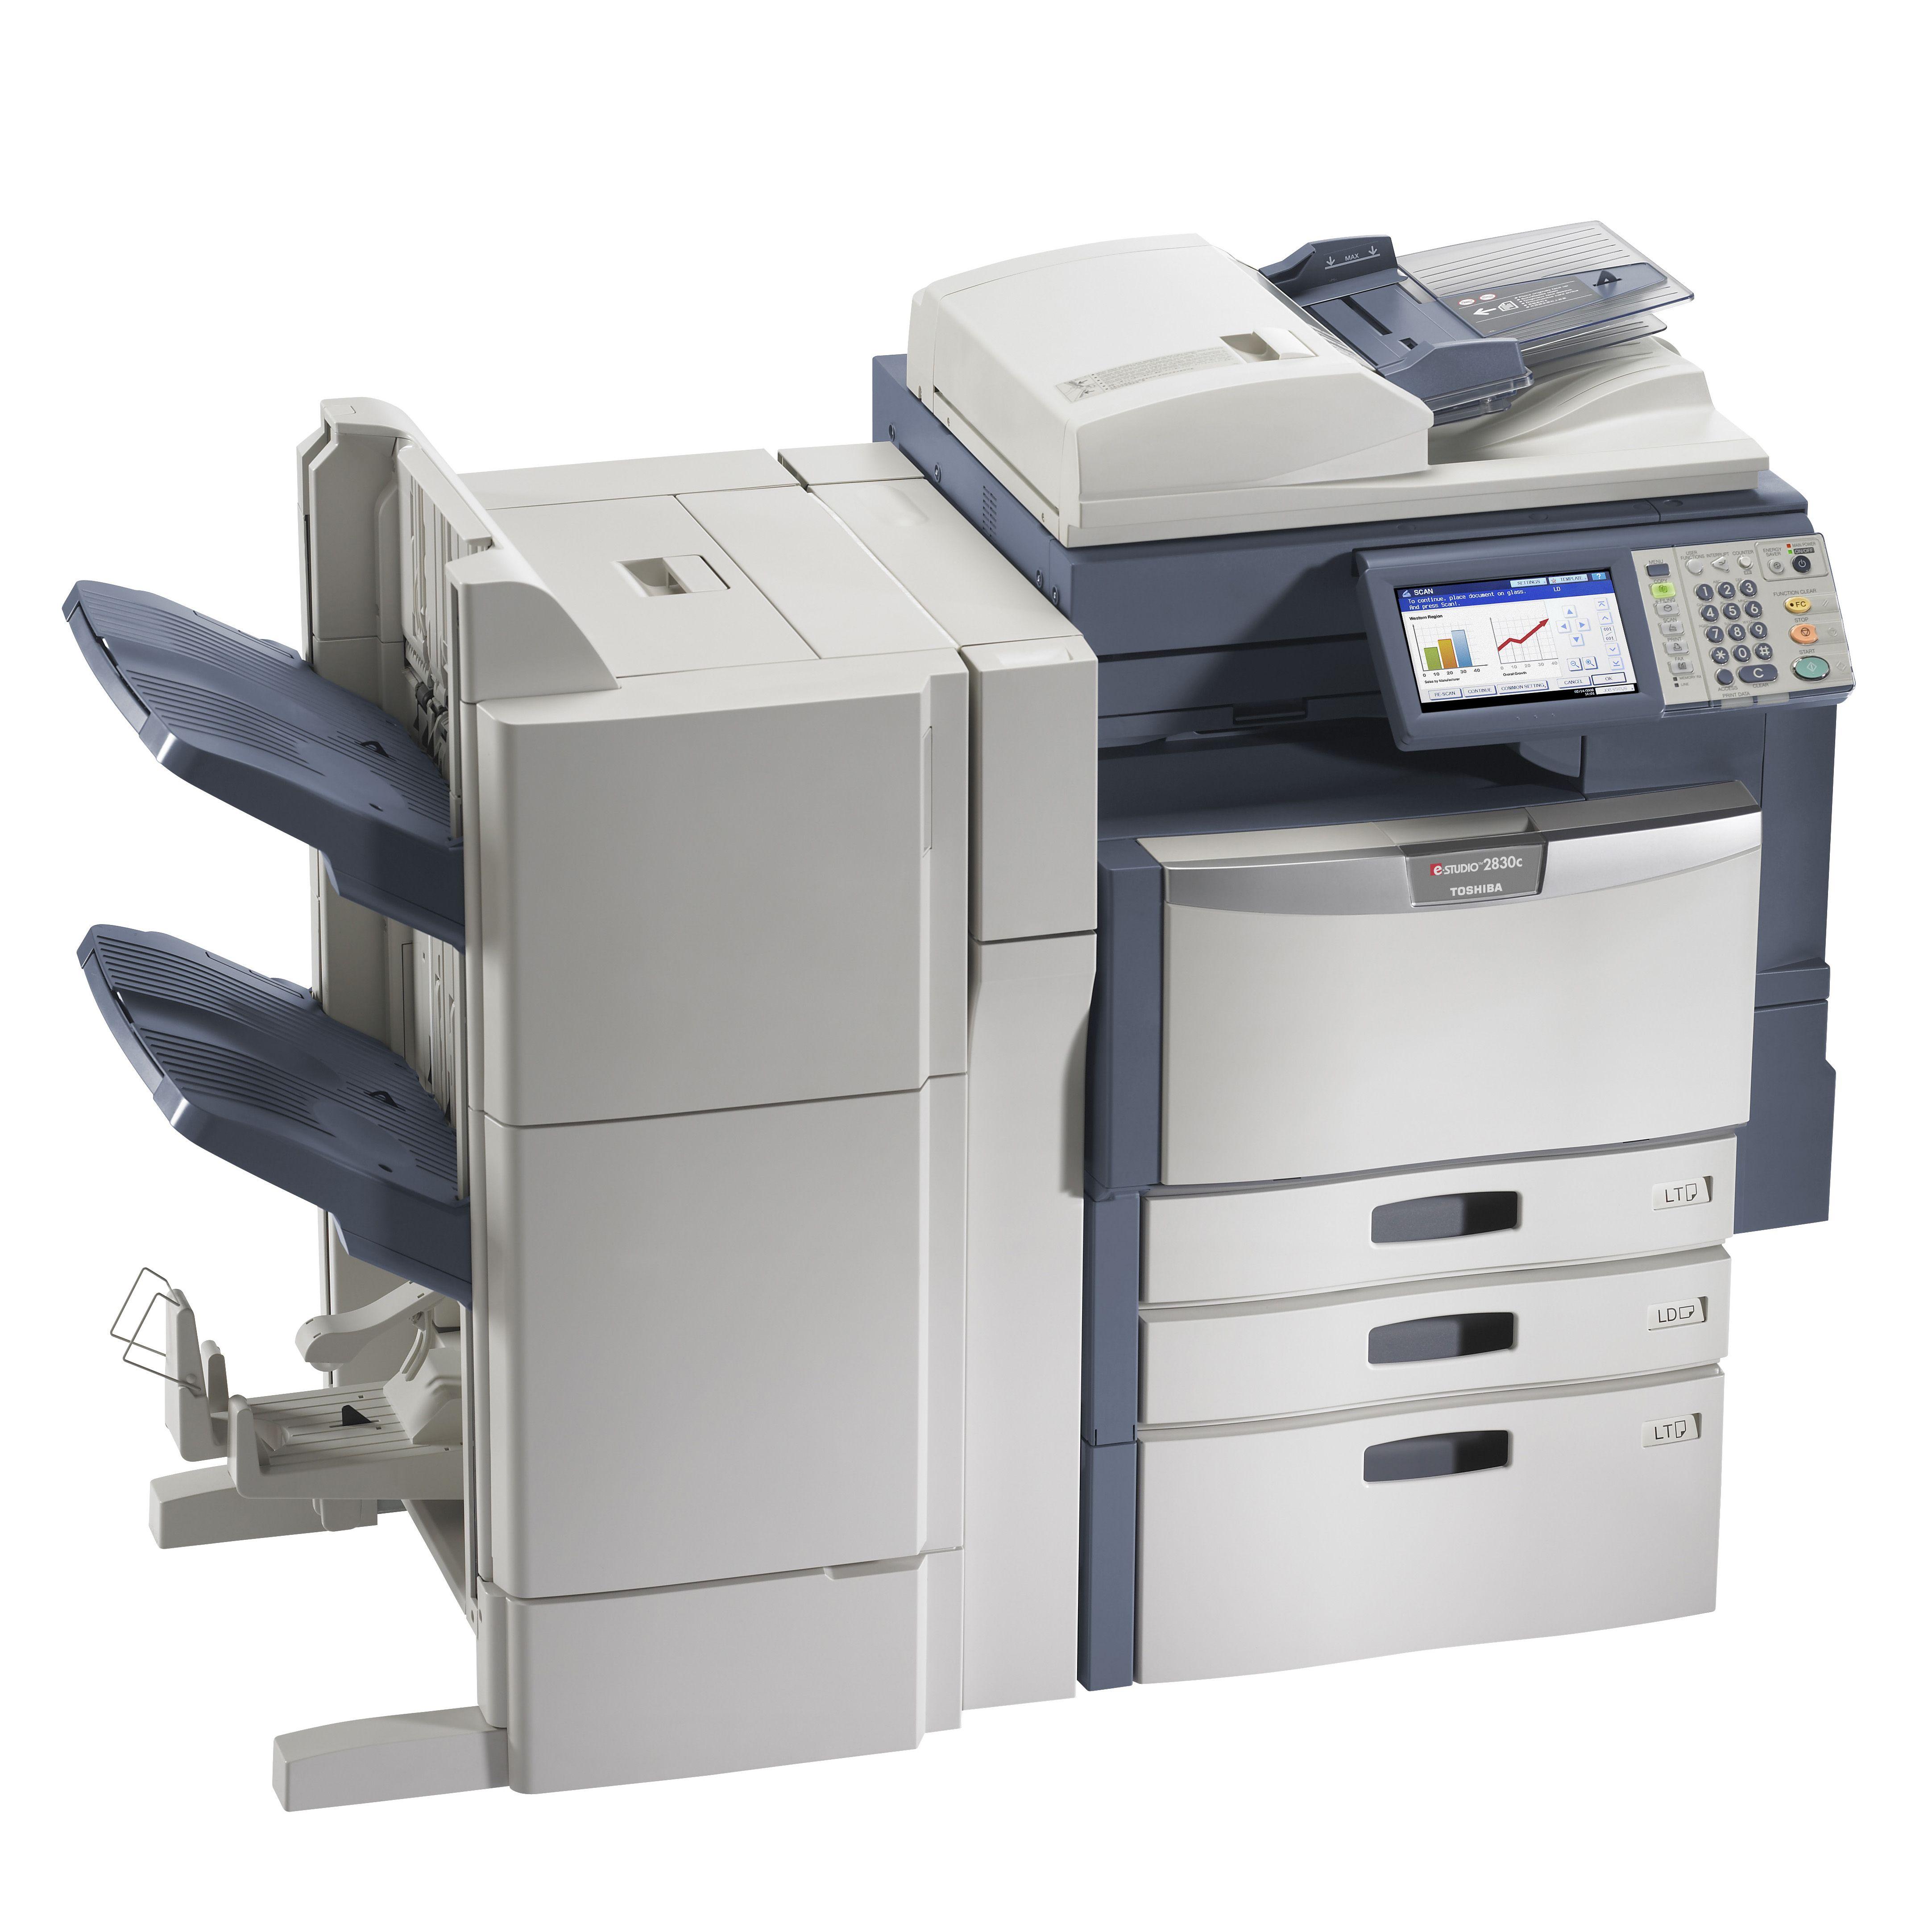 Toshiba copier lease in St. Ut (Có hình ảnh)